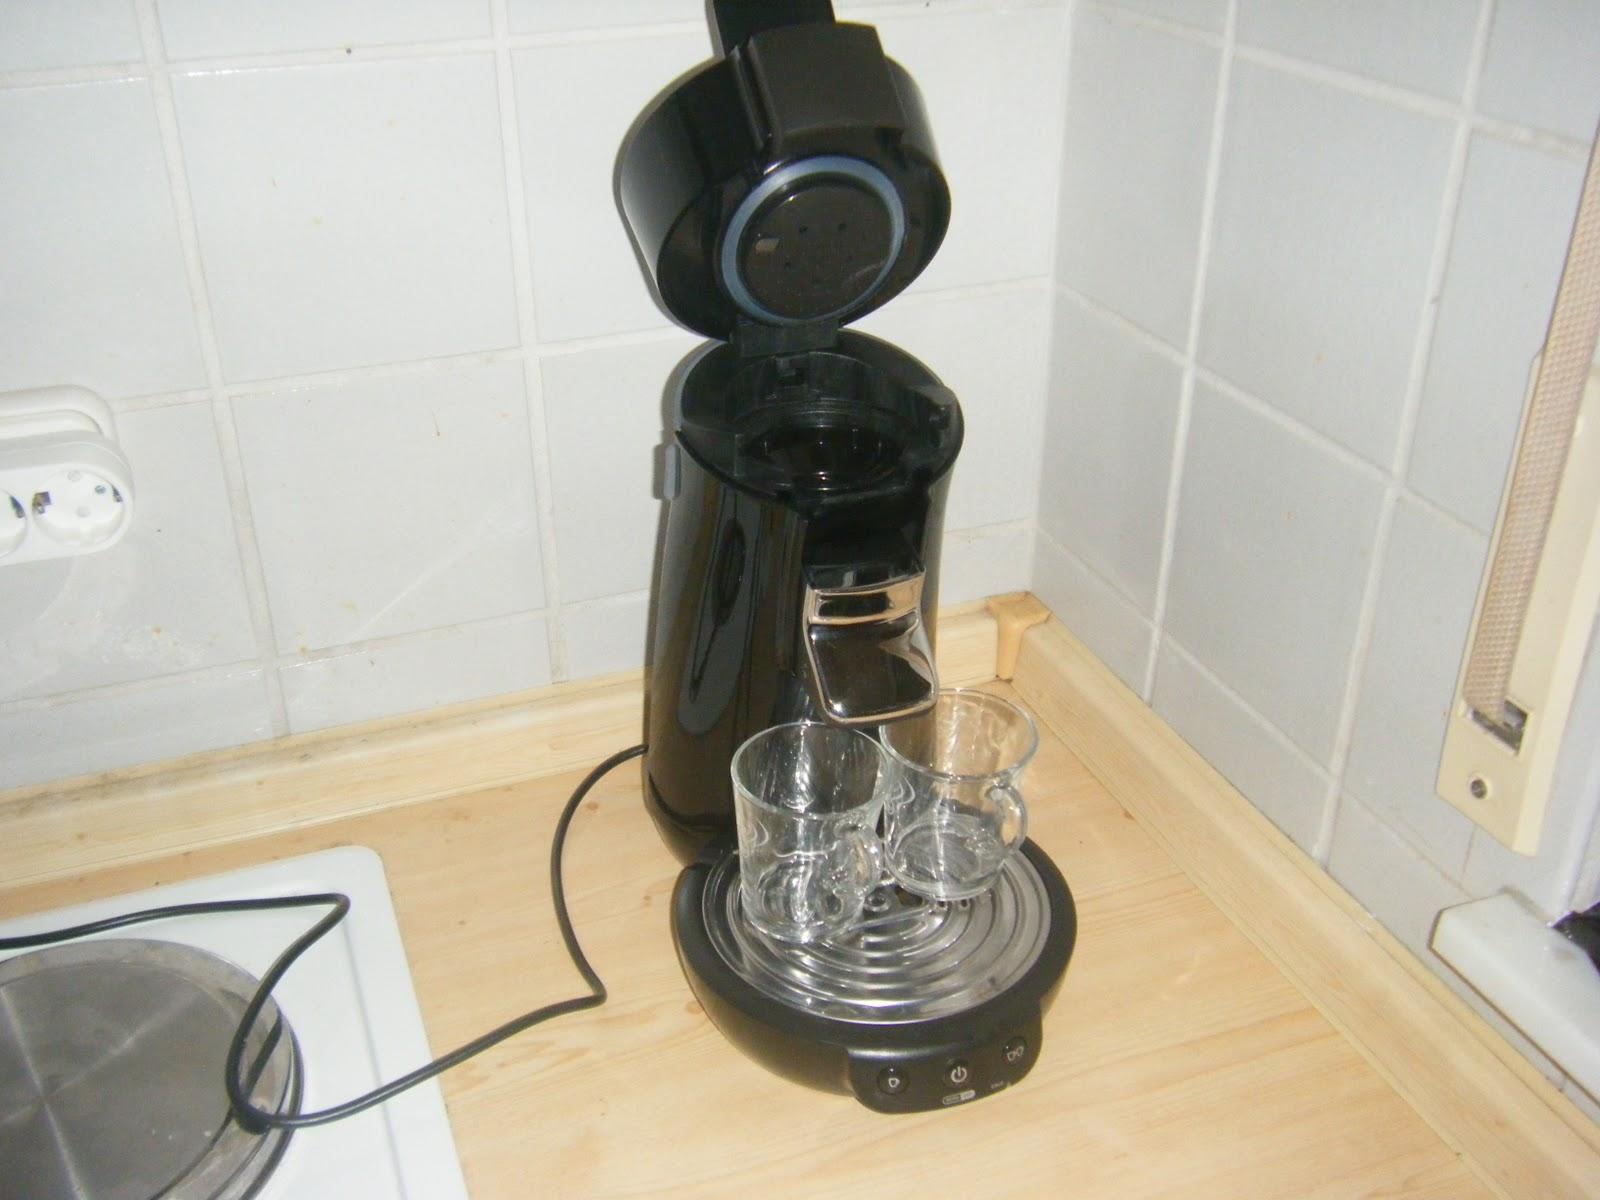 kaffee oder gef rbtes hei es wasser senseo viva cafe im test. Black Bedroom Furniture Sets. Home Design Ideas